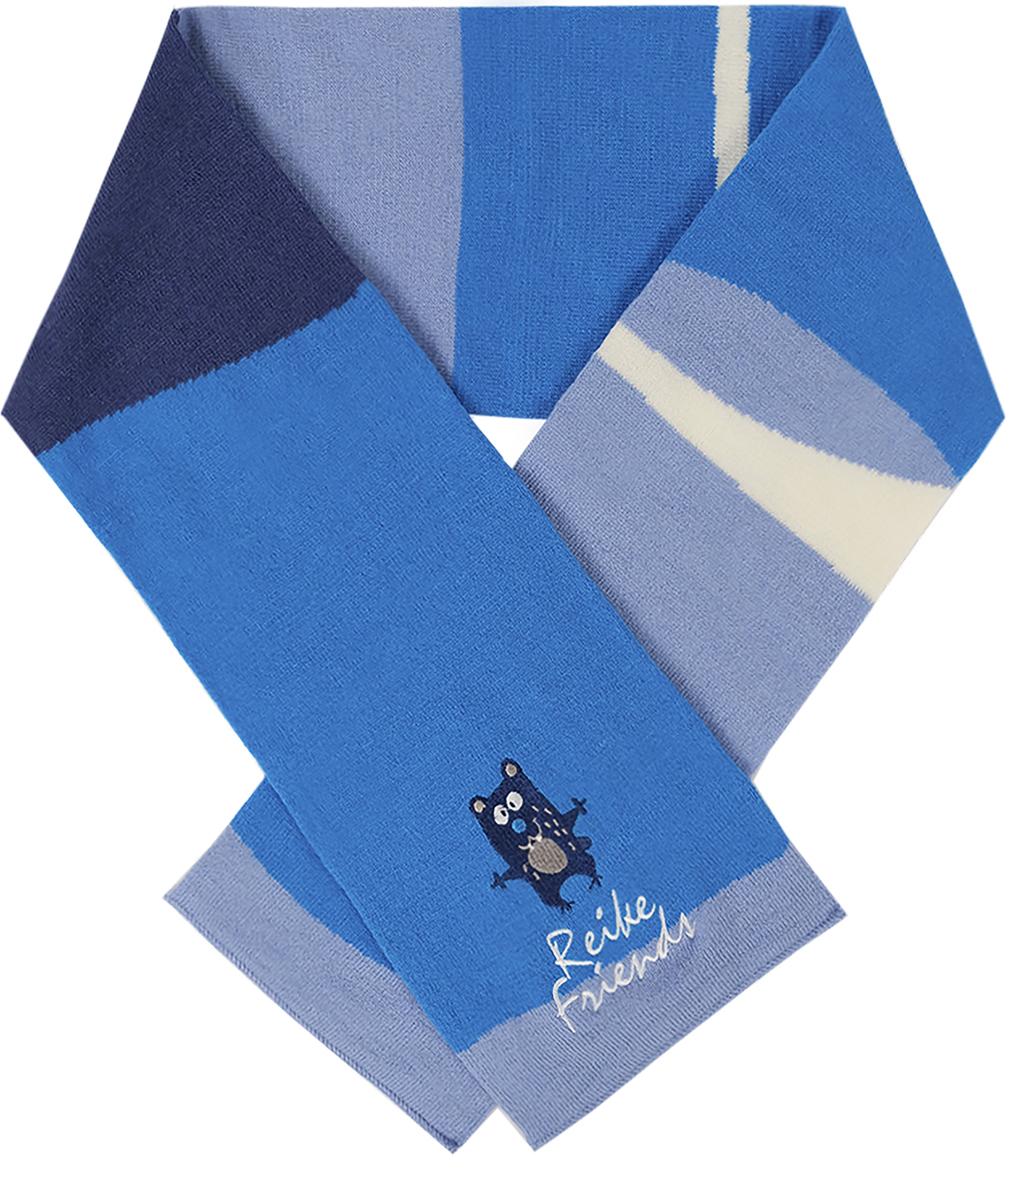 Шарф для мальчиков Reike, цвет: серый. RSC1718_FFF grey. Размер универсальныйRSC1718_FFF grey